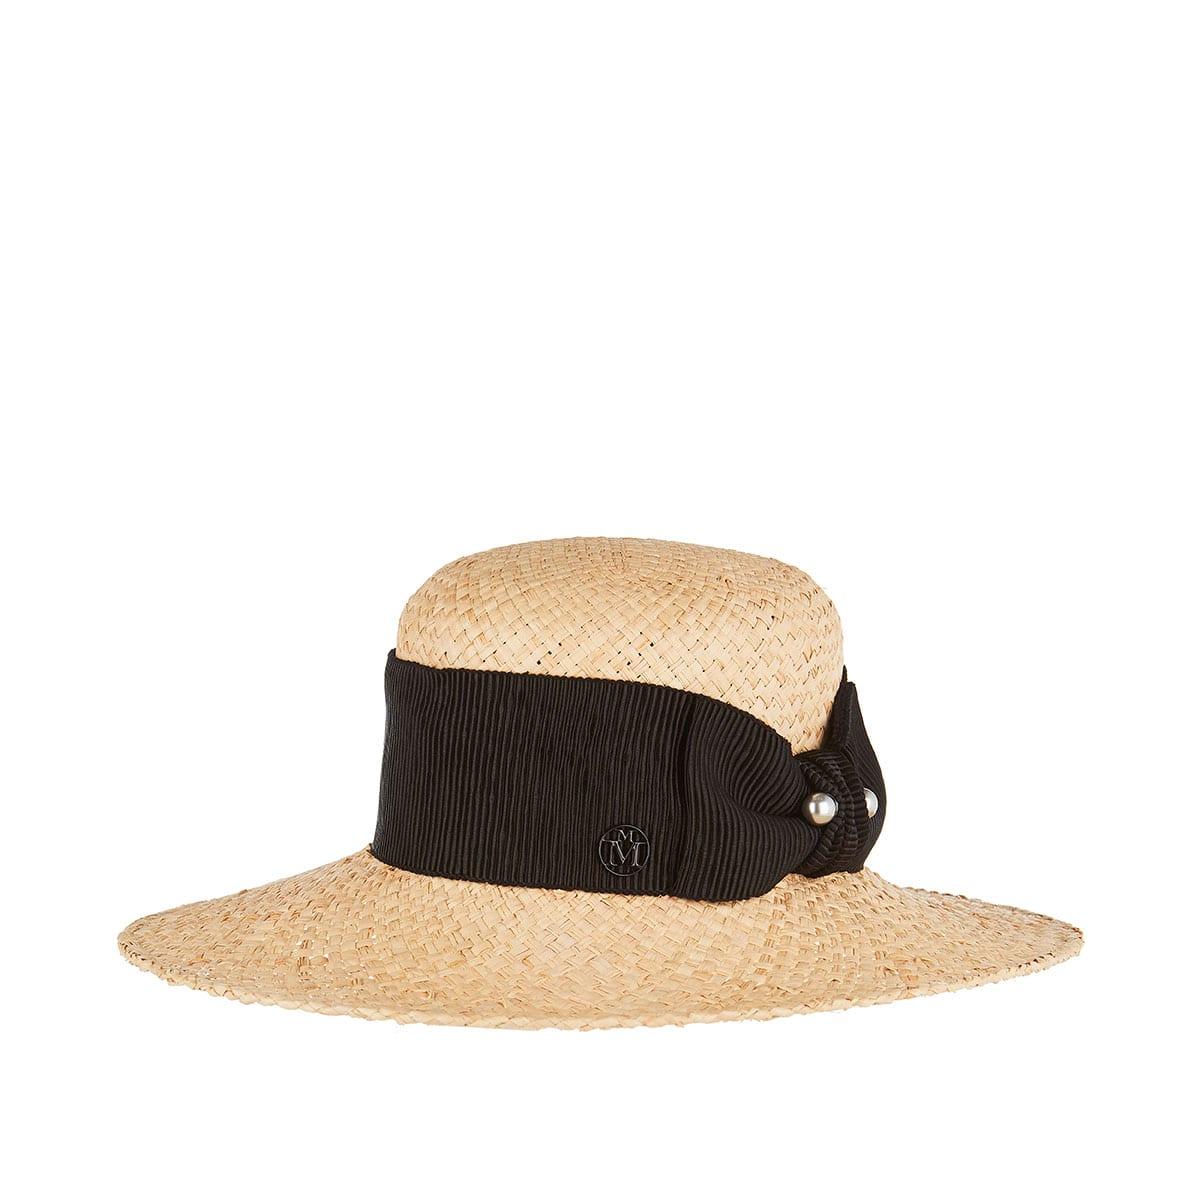 New Kendall raffia hat